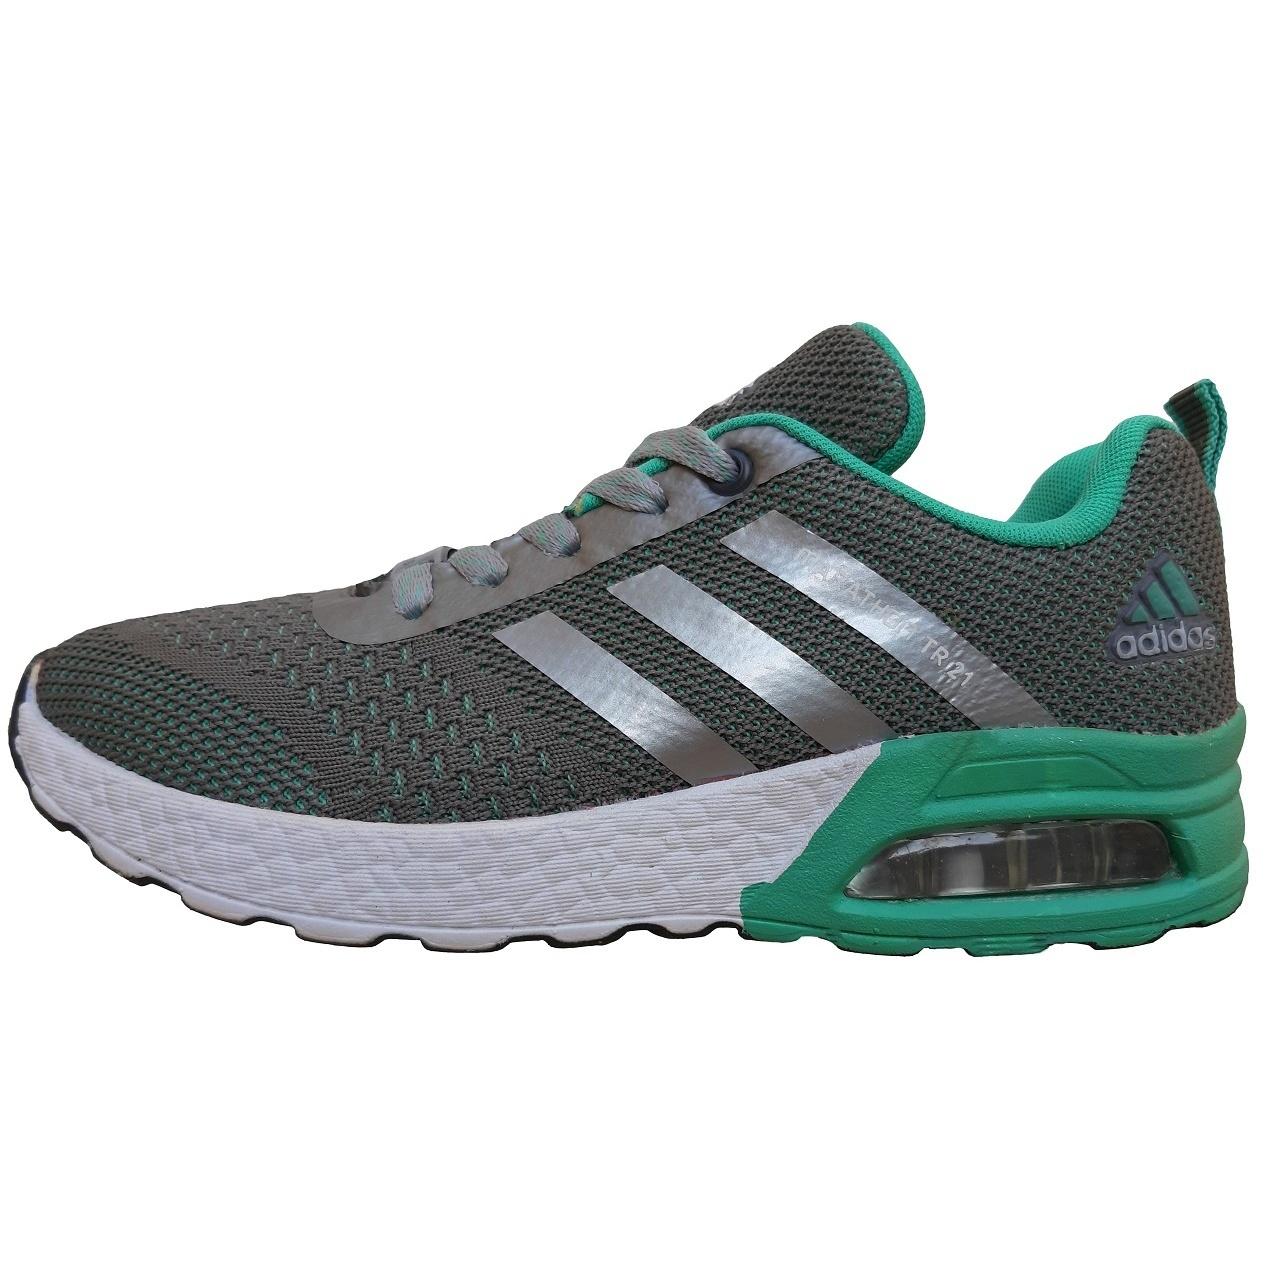 کفش مخصوص پیاده روی زنانه کد 214001